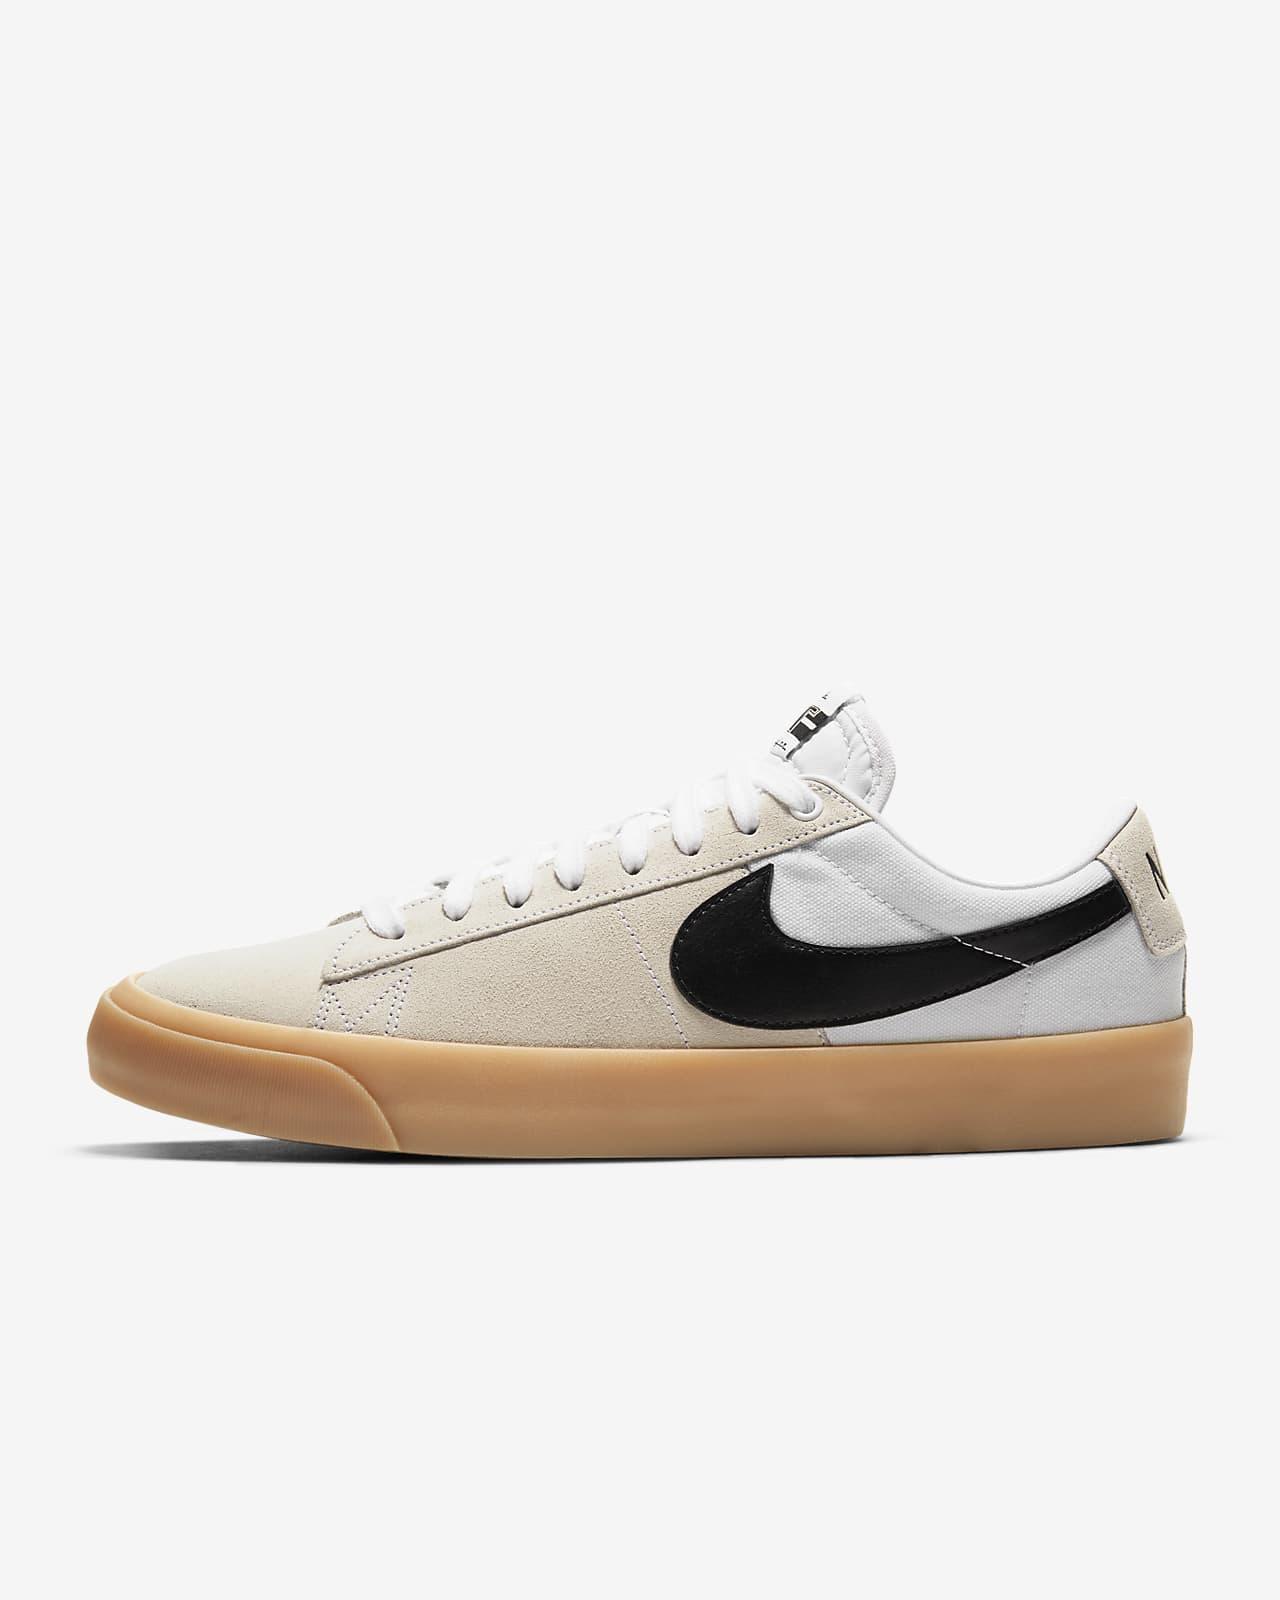 Calzado de skateboarding Nike SB Zoom Blazer Low Pro GT